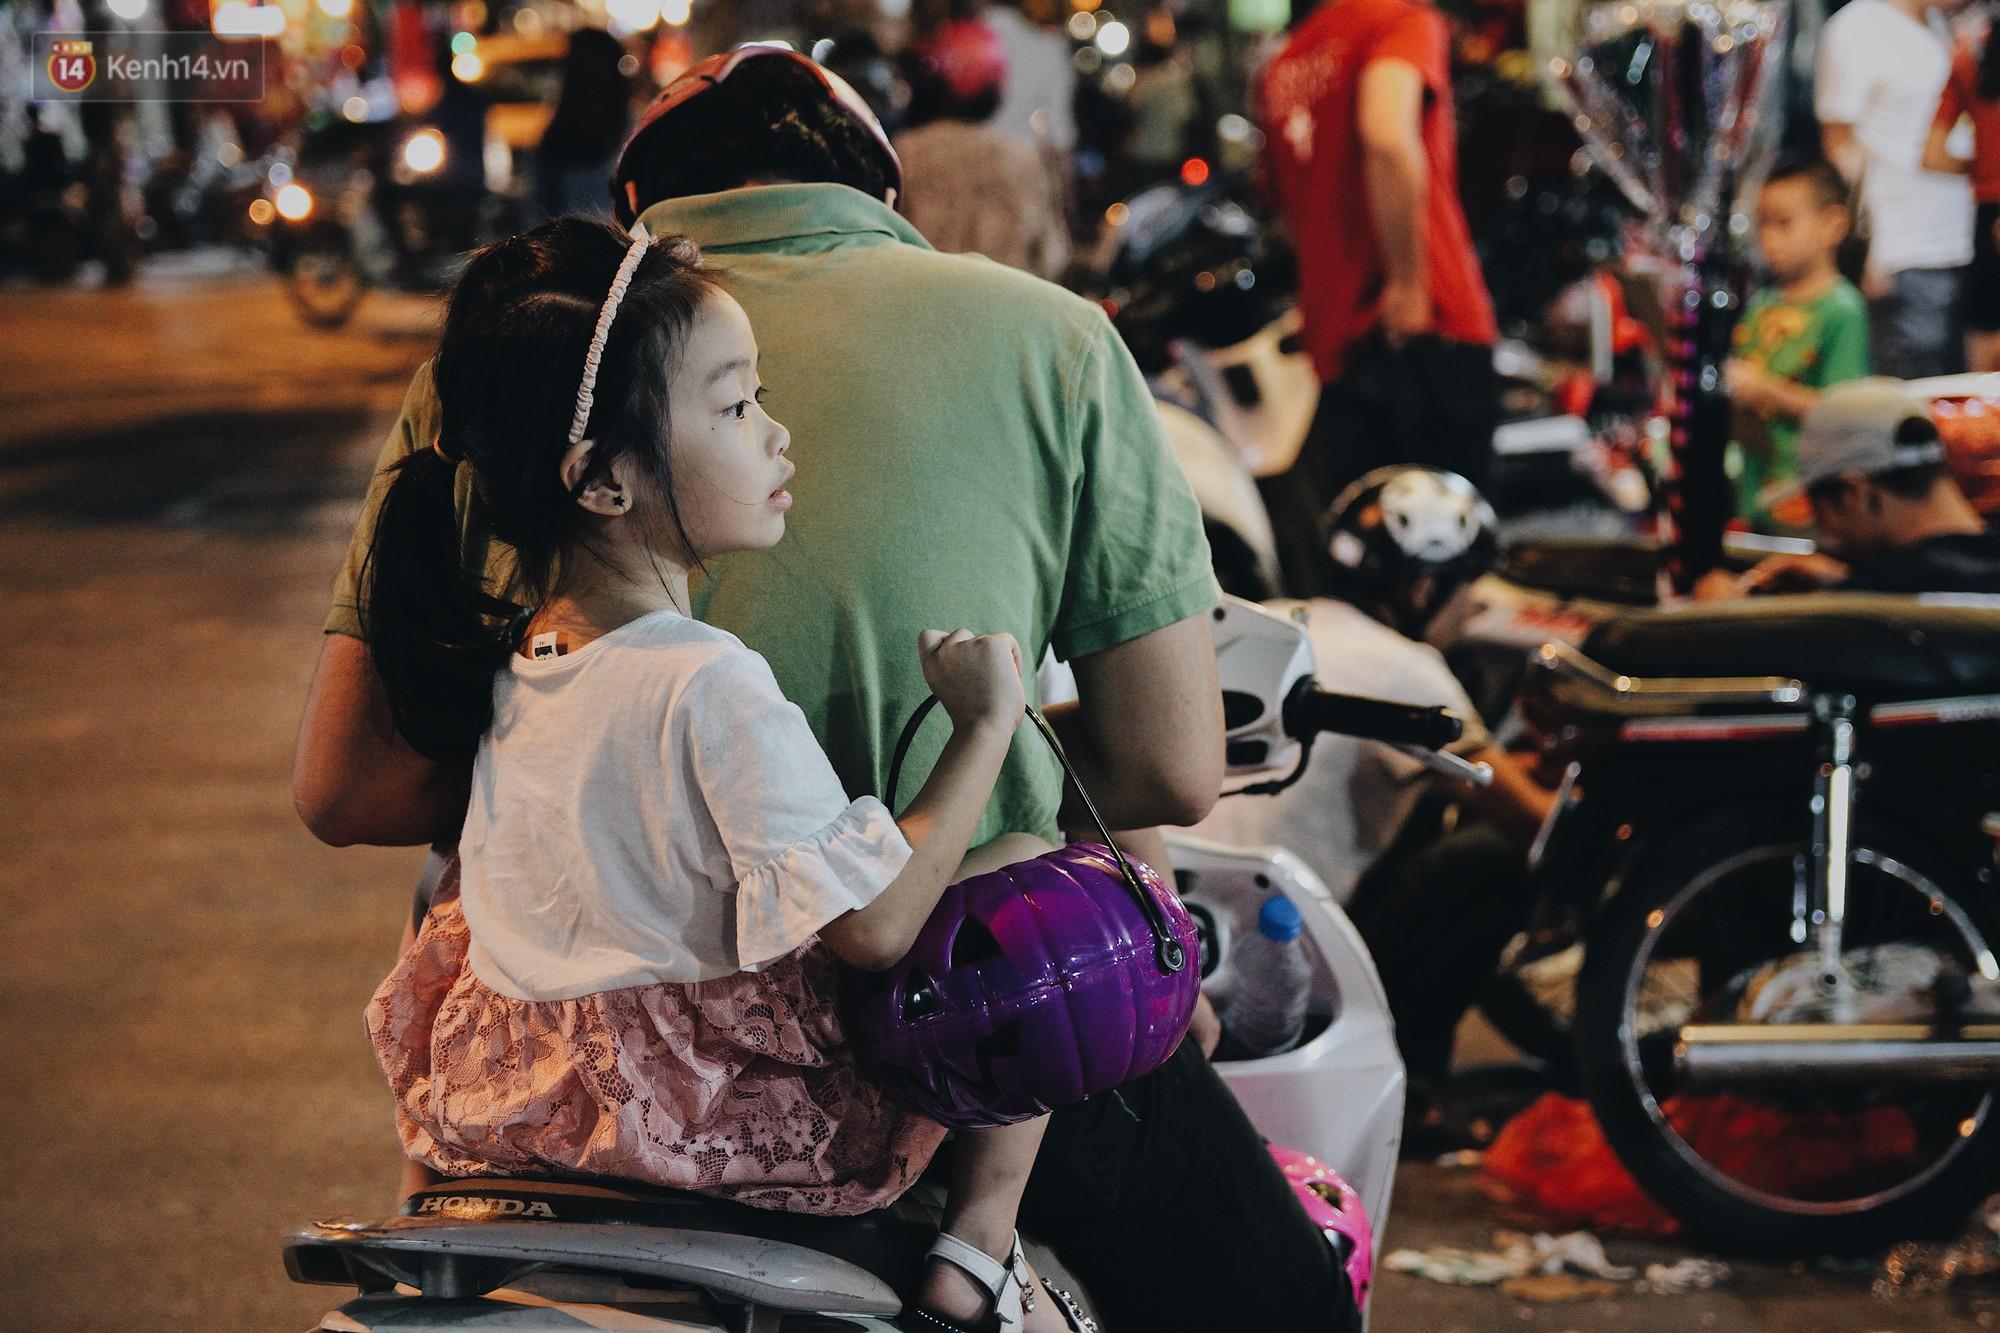 Hình ảnh Halloween tại phố Hàng Mã Hà Nội - Ảnh 10.